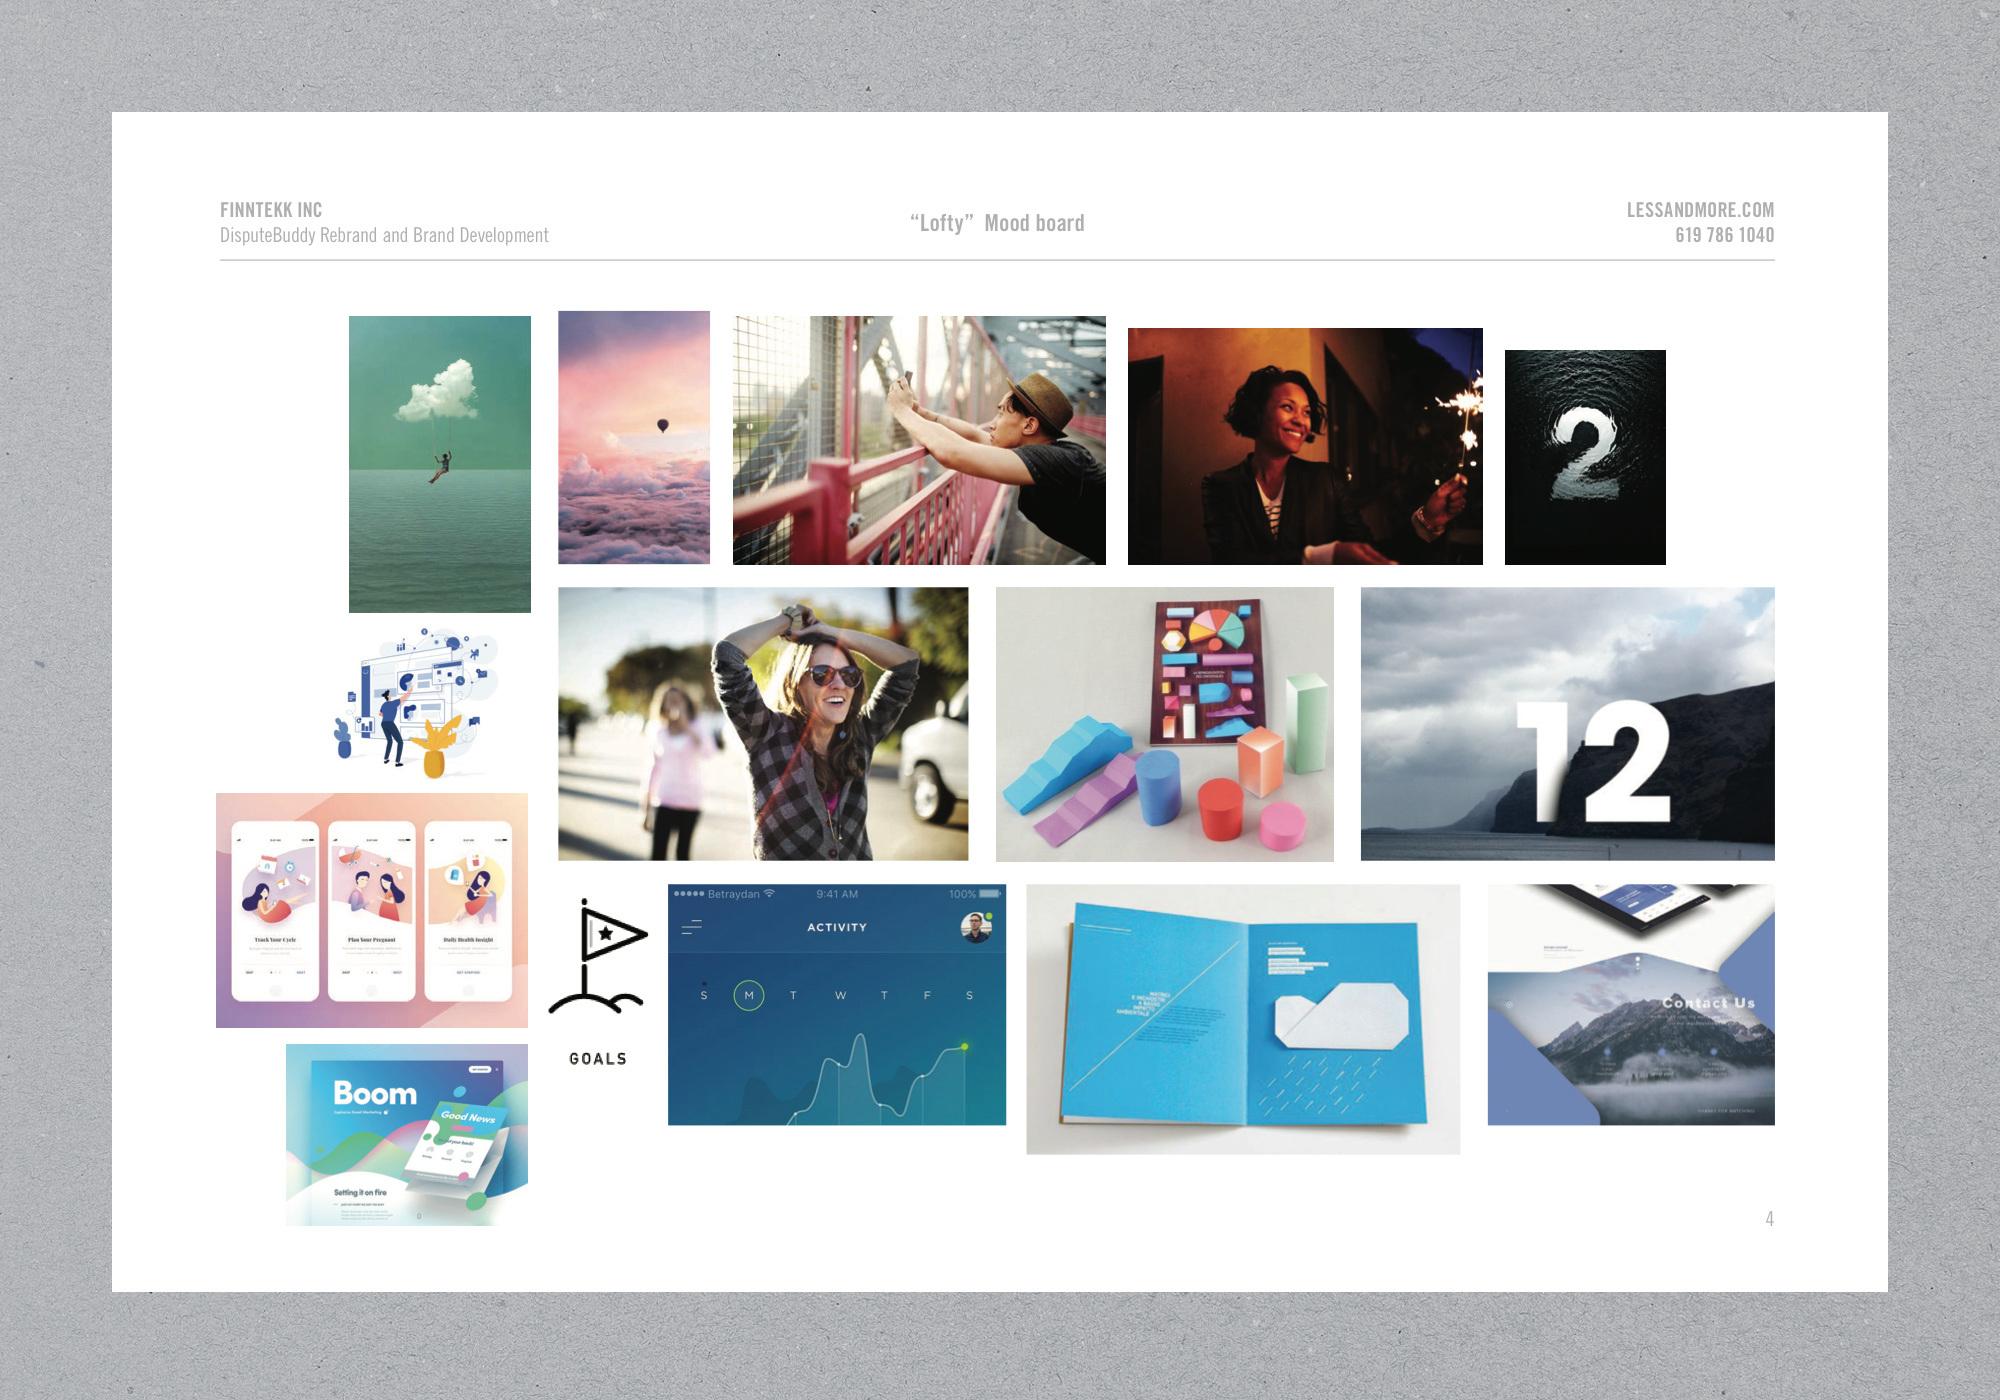 001_Concepts_ScoreShuttle_02